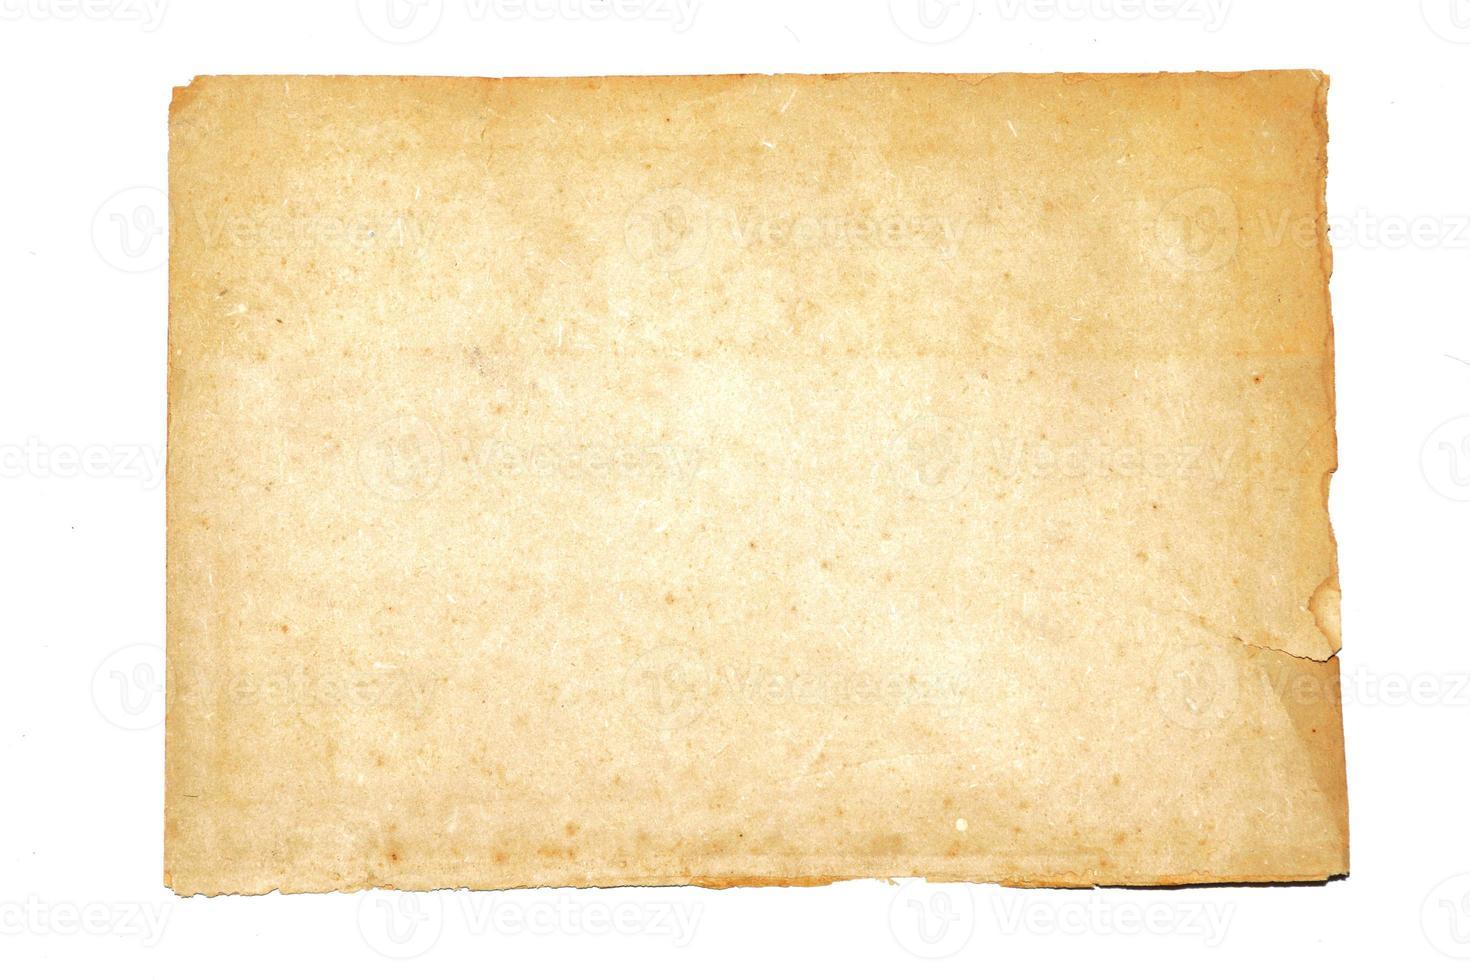 papier isoler sur fond blanc photo